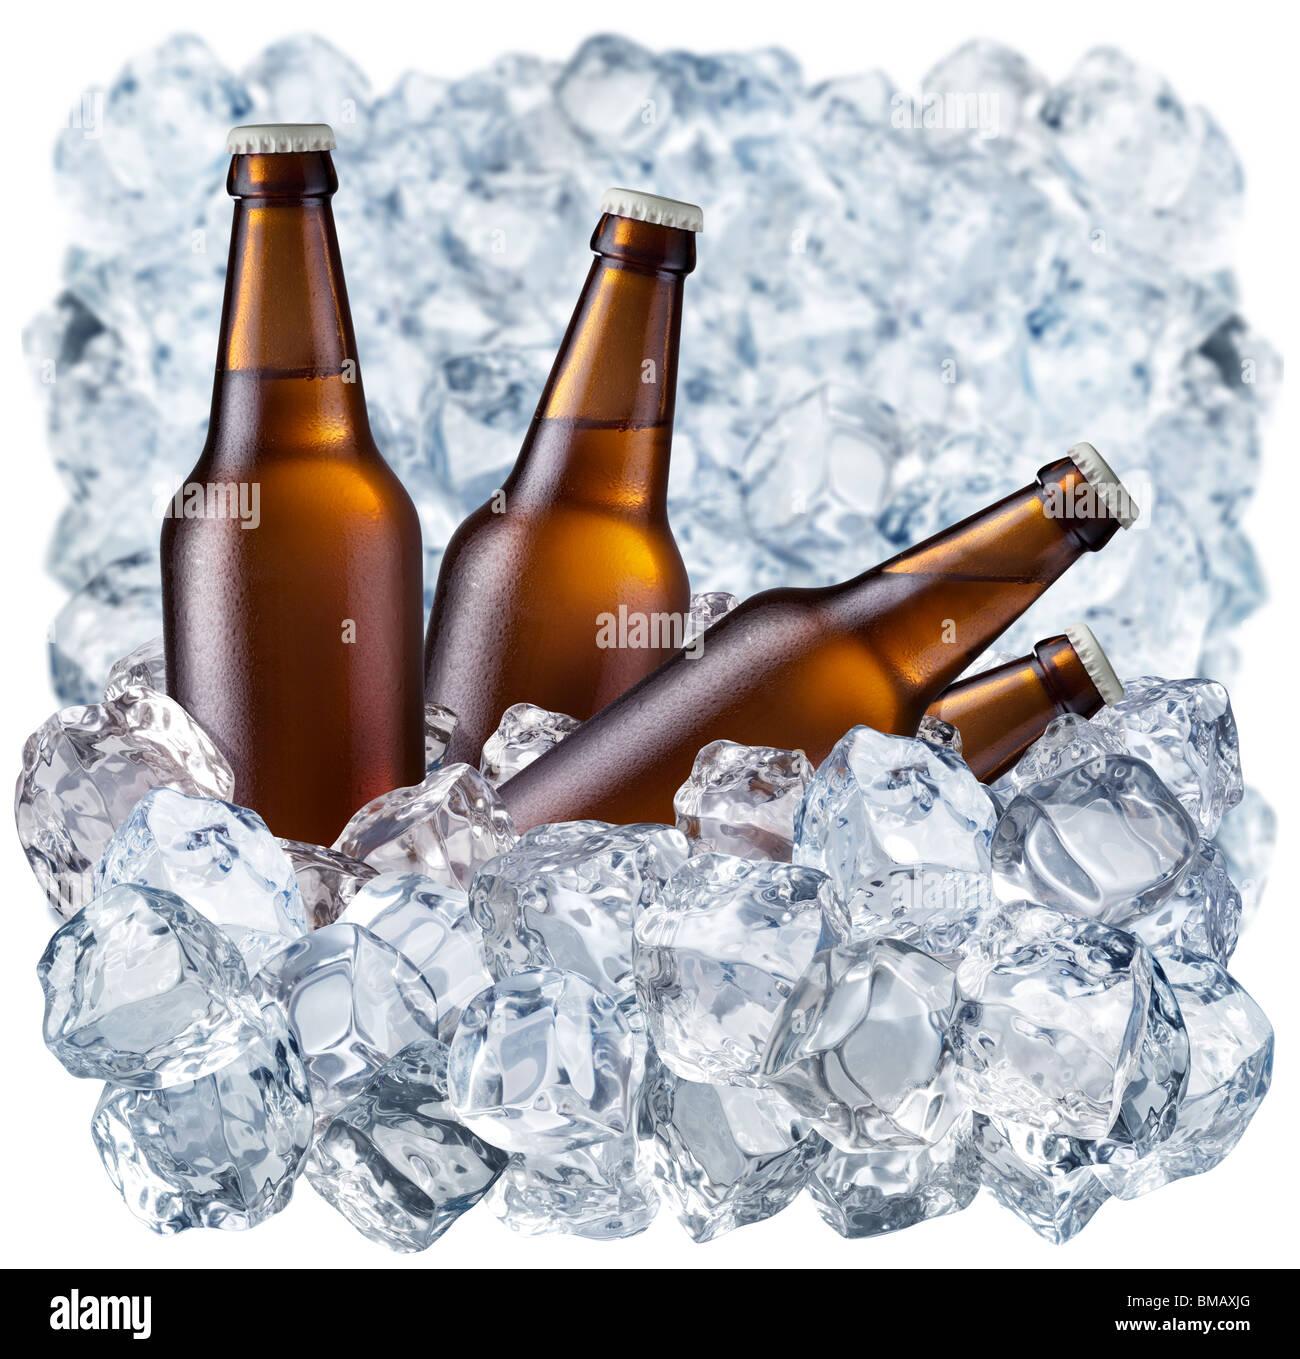 Bottiglie di birra su ghiaccio Immagini Stock